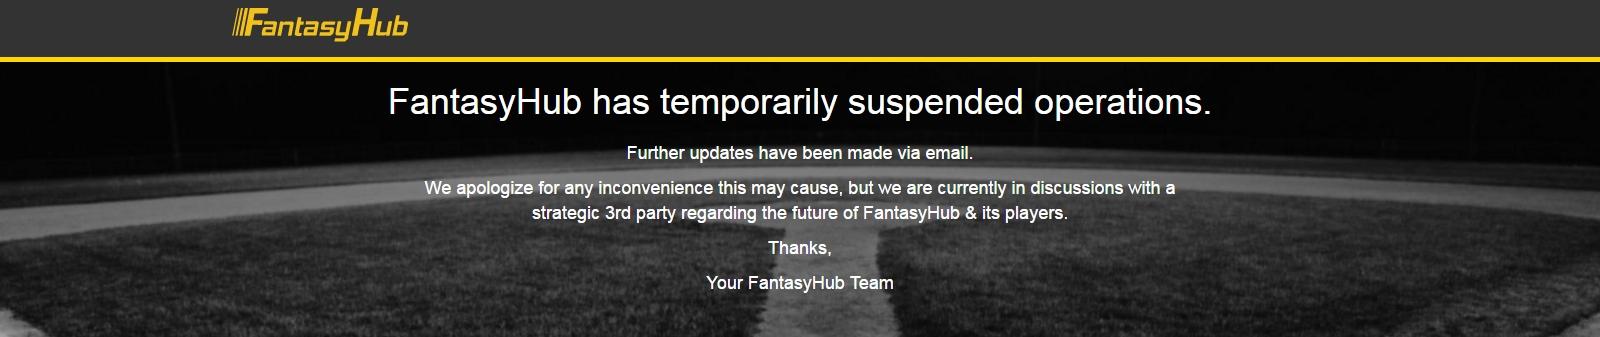 Sådan lyder beskeden på det suspenderede Fantasyhubs hjemmeside.